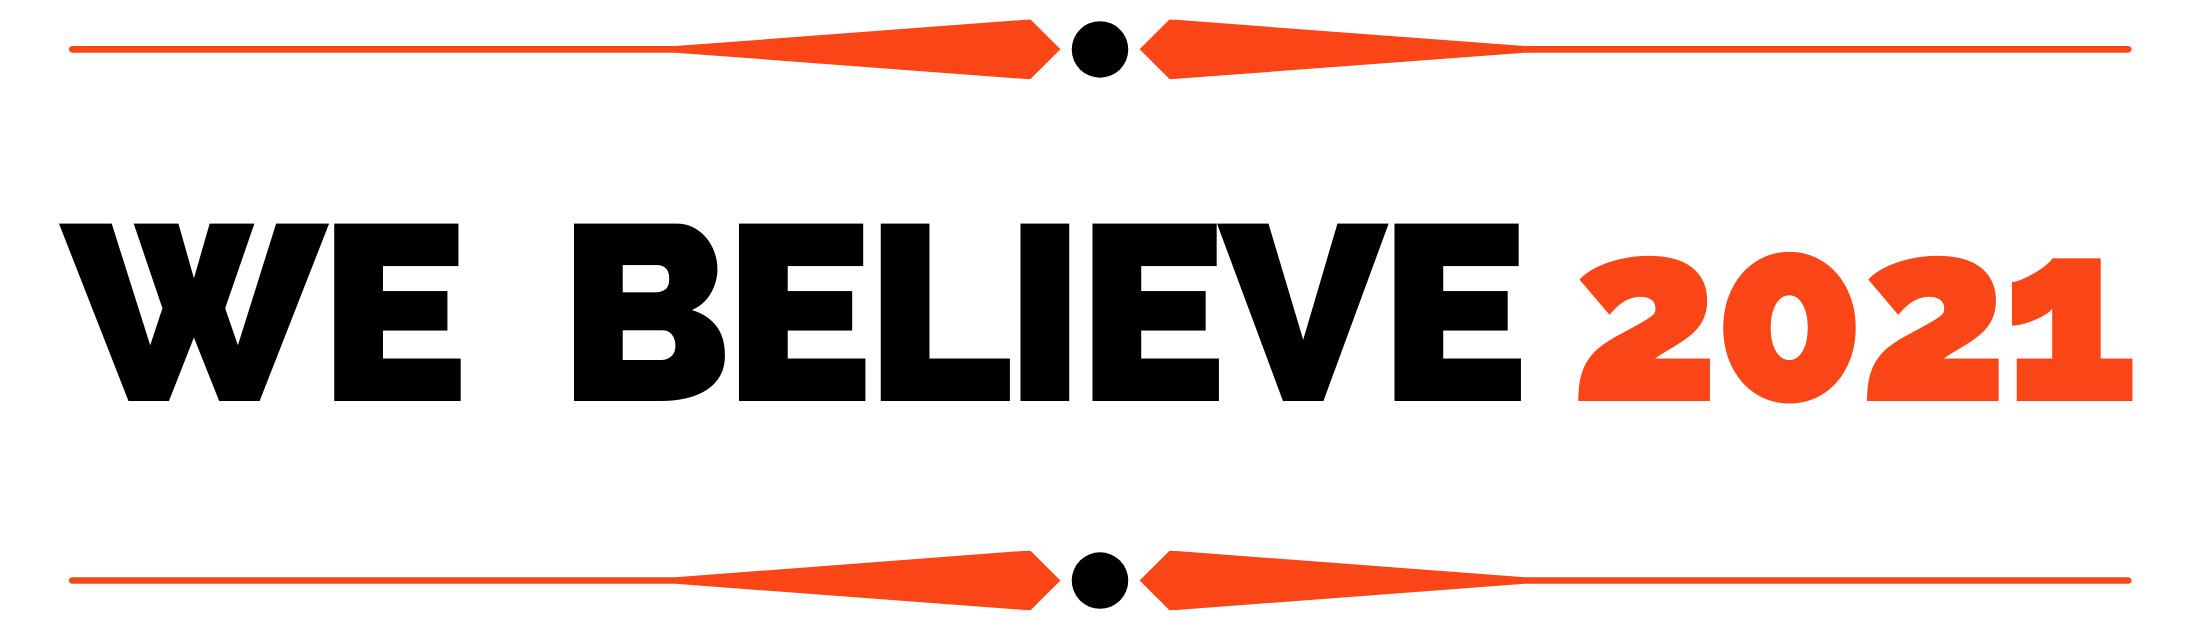 We Believe 2021